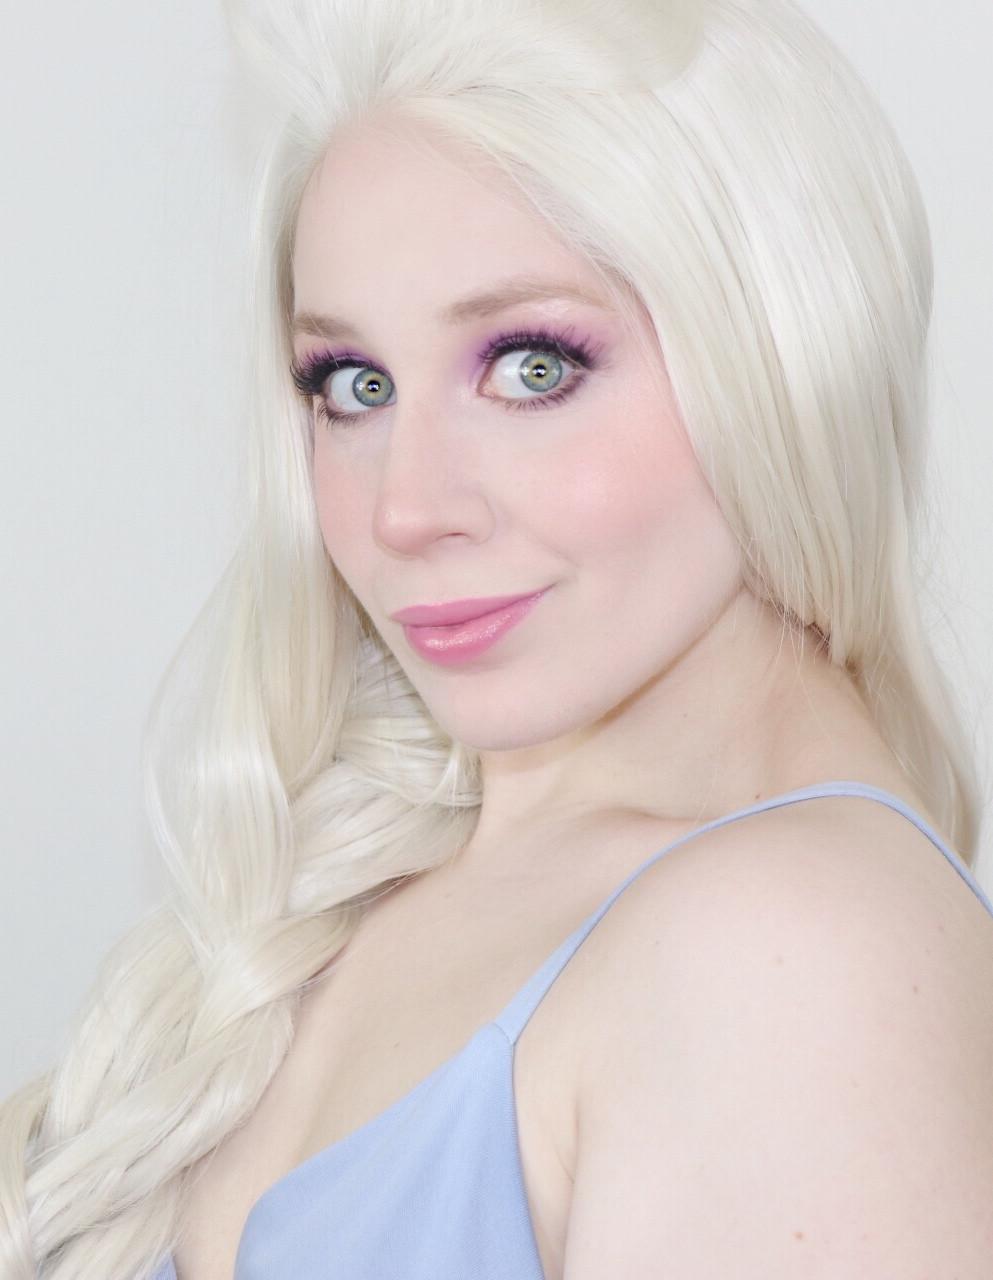 Elsa Frozen Pastel Purple Summer Makeup Tutorial Disney Cosplay 2020 | Lillee Jean